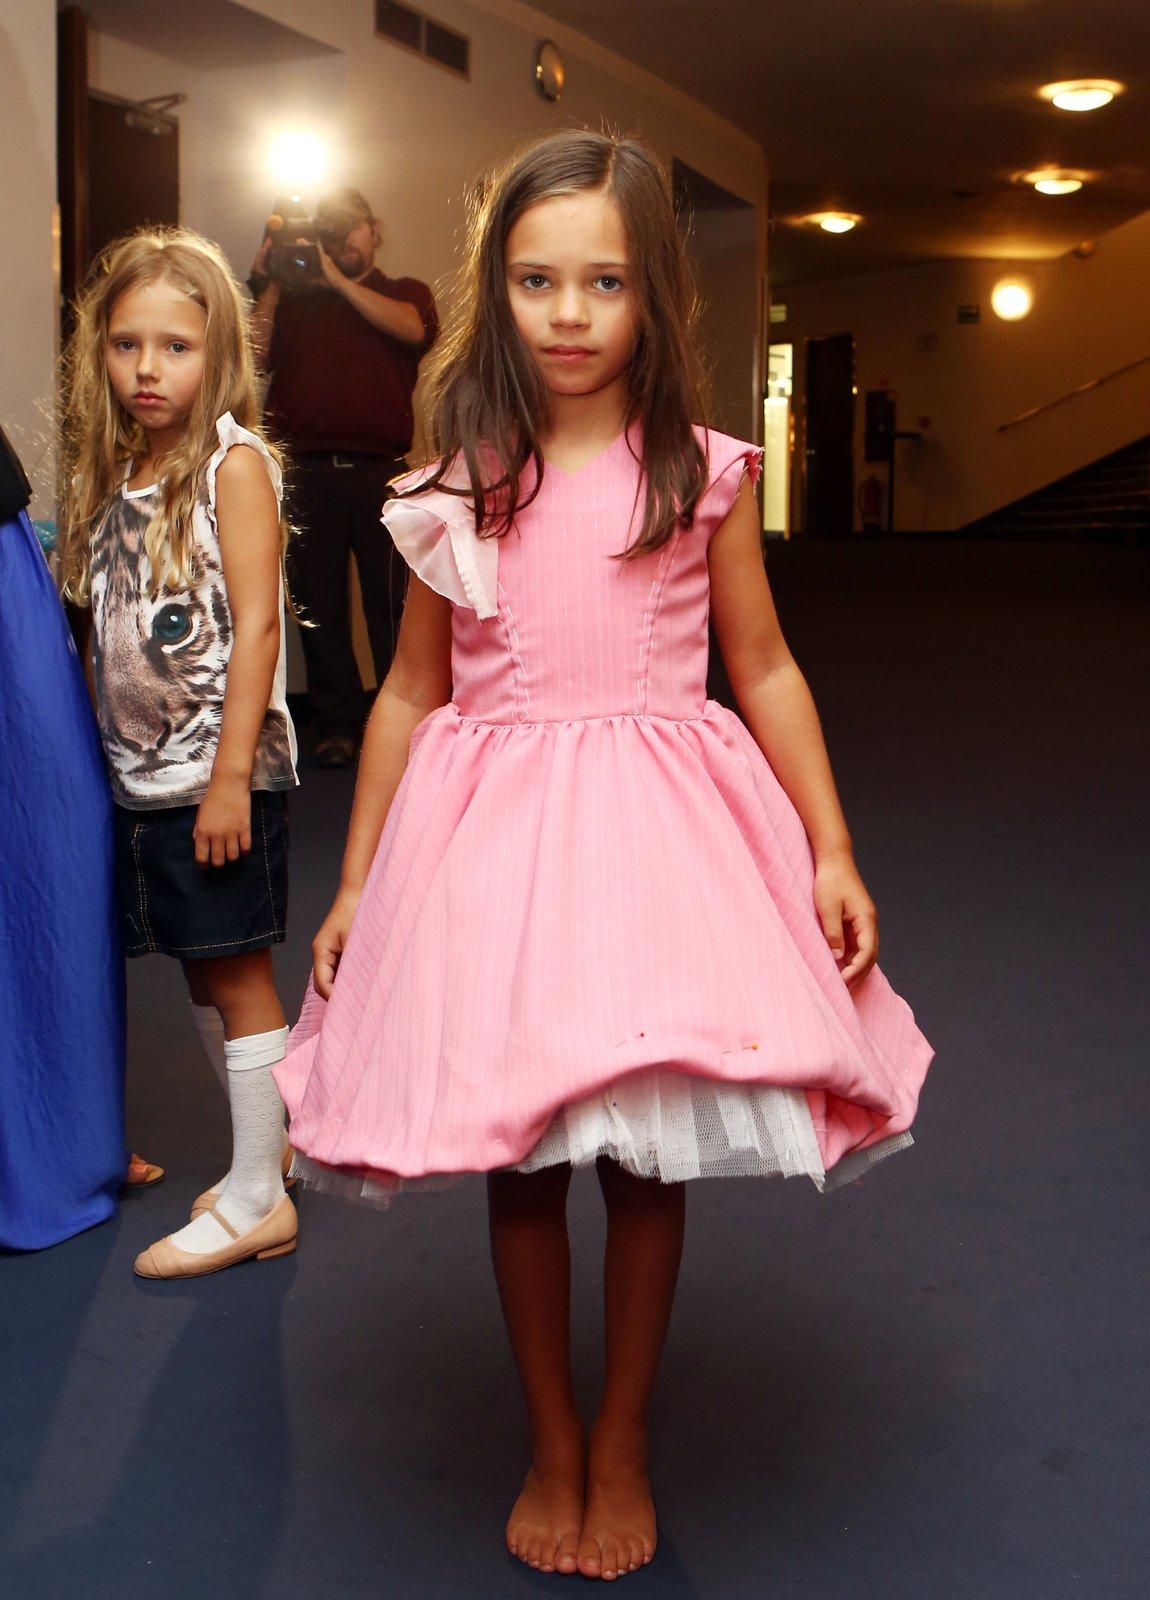 Malá Gottová si zkusila všechny kostýmy, ve kterých bude hrát. Sestřička Nellinka ji tiše pozorovala.